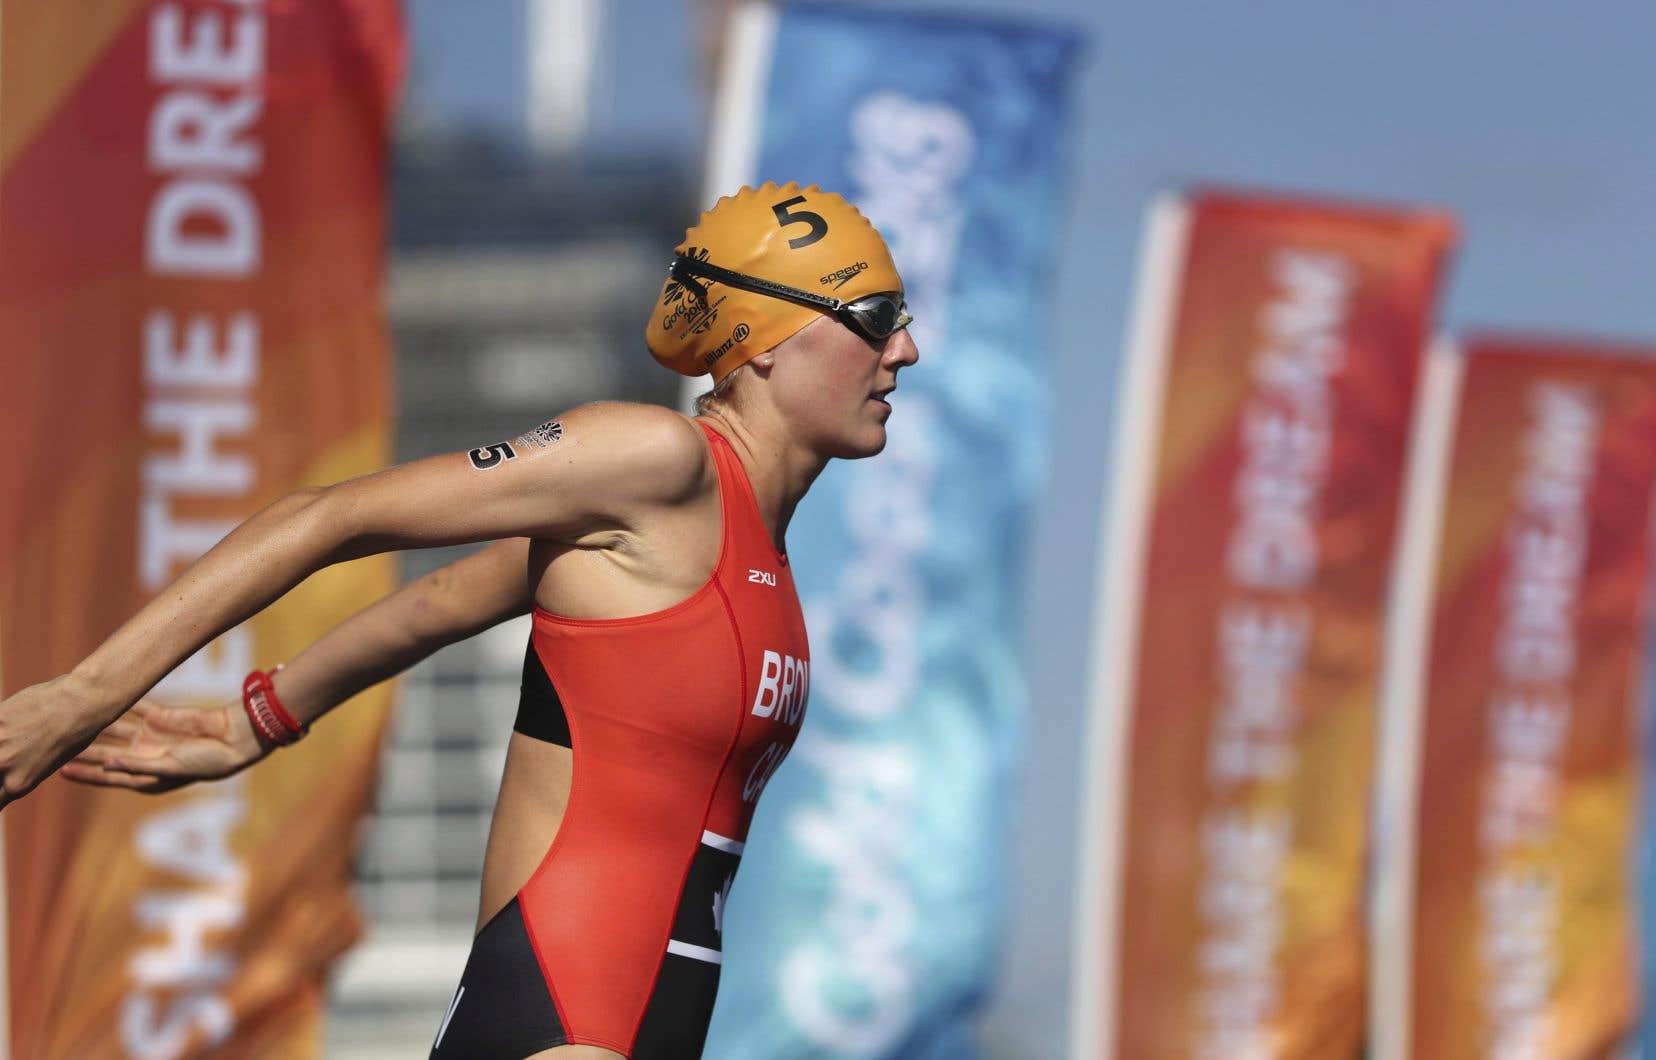 Joanna Browna appuyé sur l'accélérateur lors de la portion de course à pied afin de se hisser au quatrième échelon au Triathlon international de Montréal.